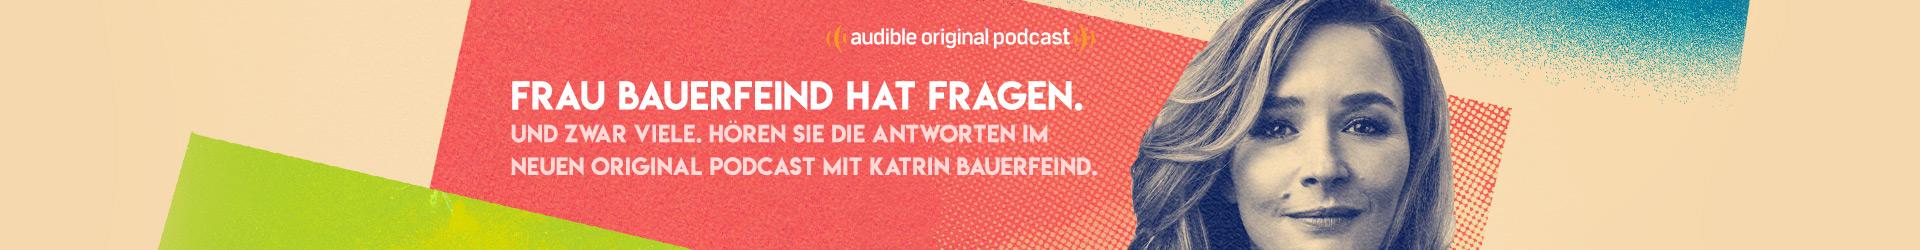 Frau Bauerfeind hat Fragen. Und zwar viele. Hören Sie die Antworten im neuen Original Podcast mit Katrin Bauerfeind.